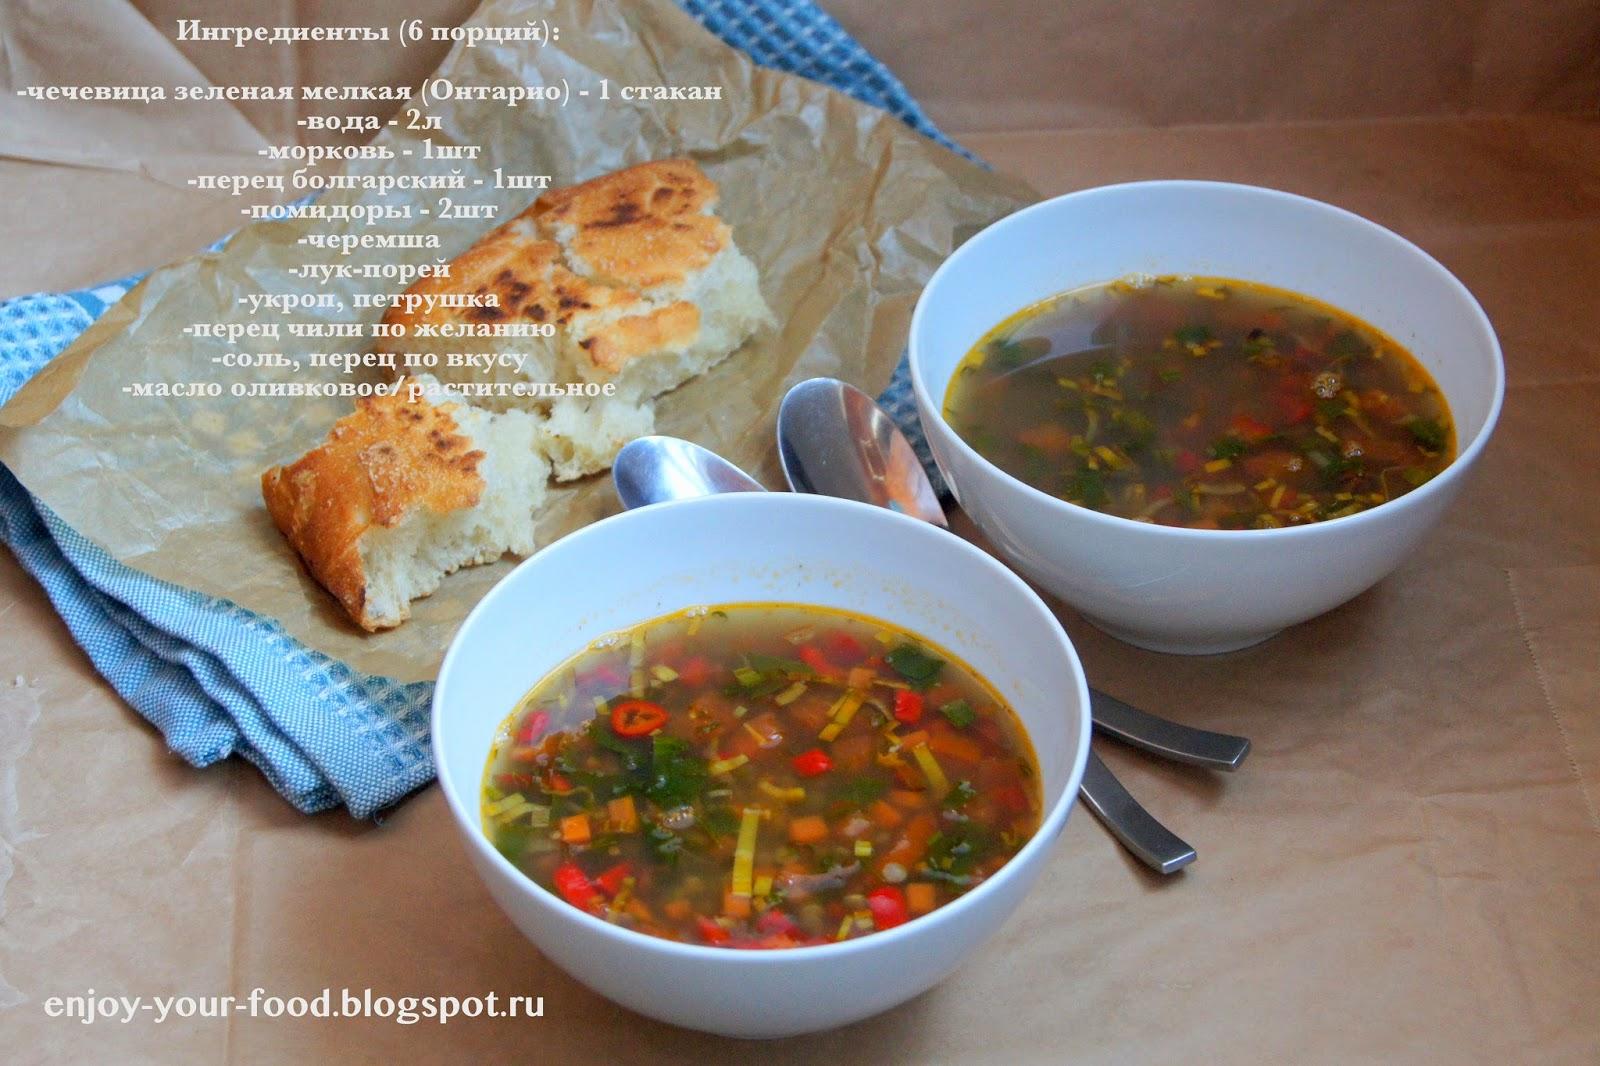 Суп из зелёной чечевицы рецепт пошагово с